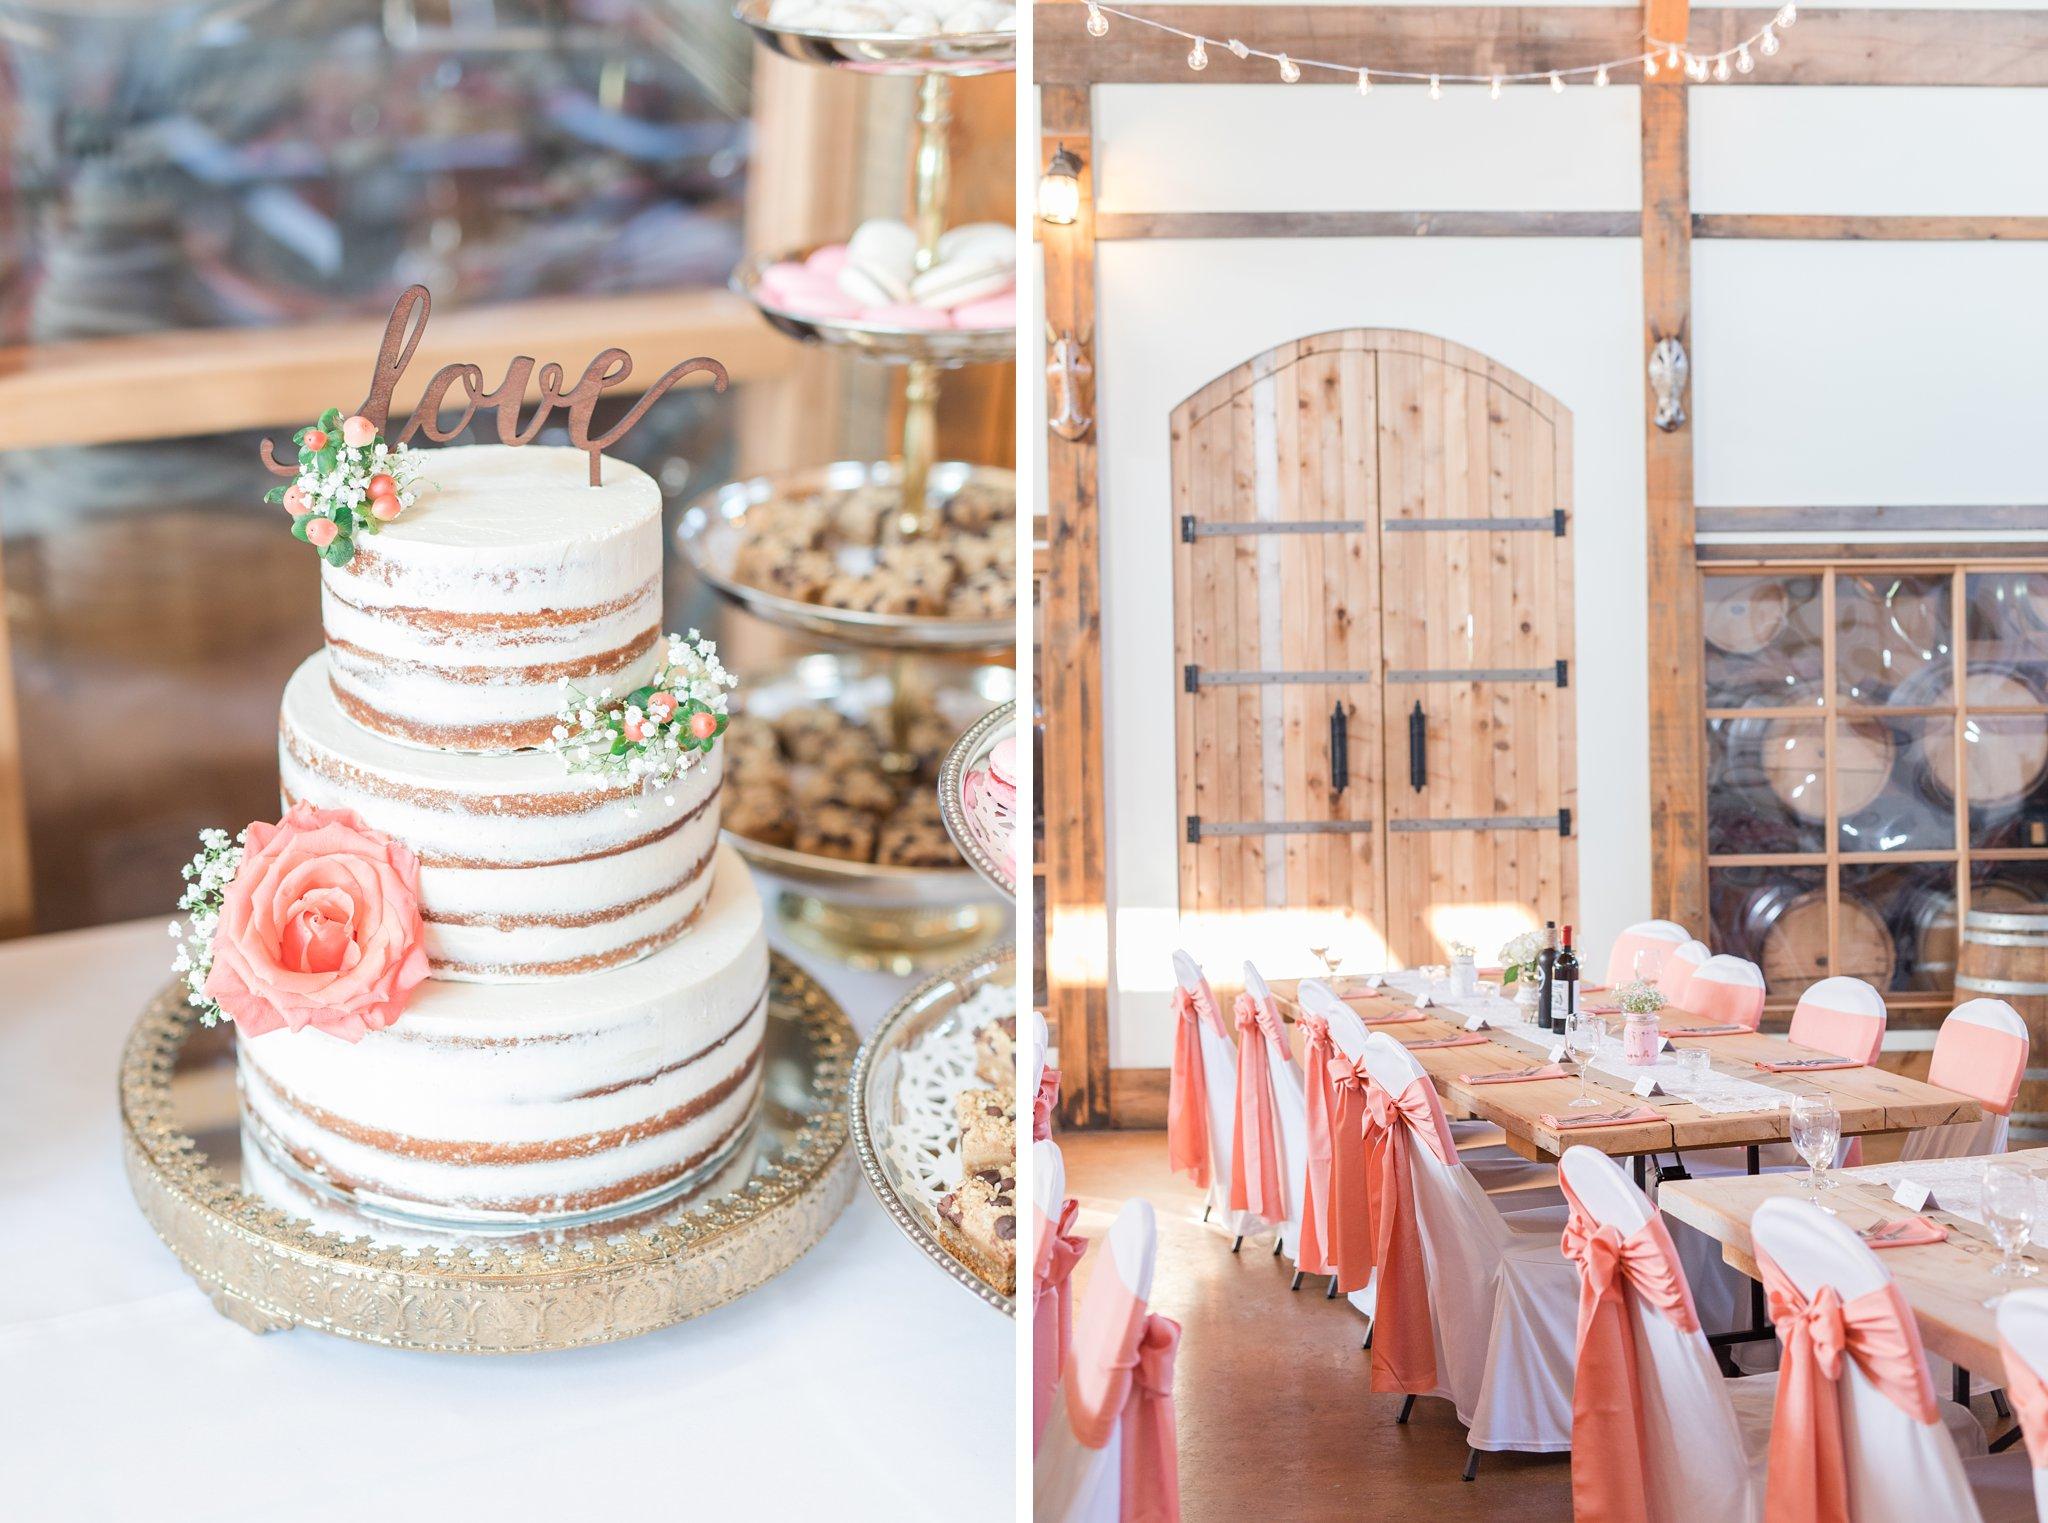 3 tiered naked wedding cake Vineyard wedding at Jabulani Amy Pinder Photography